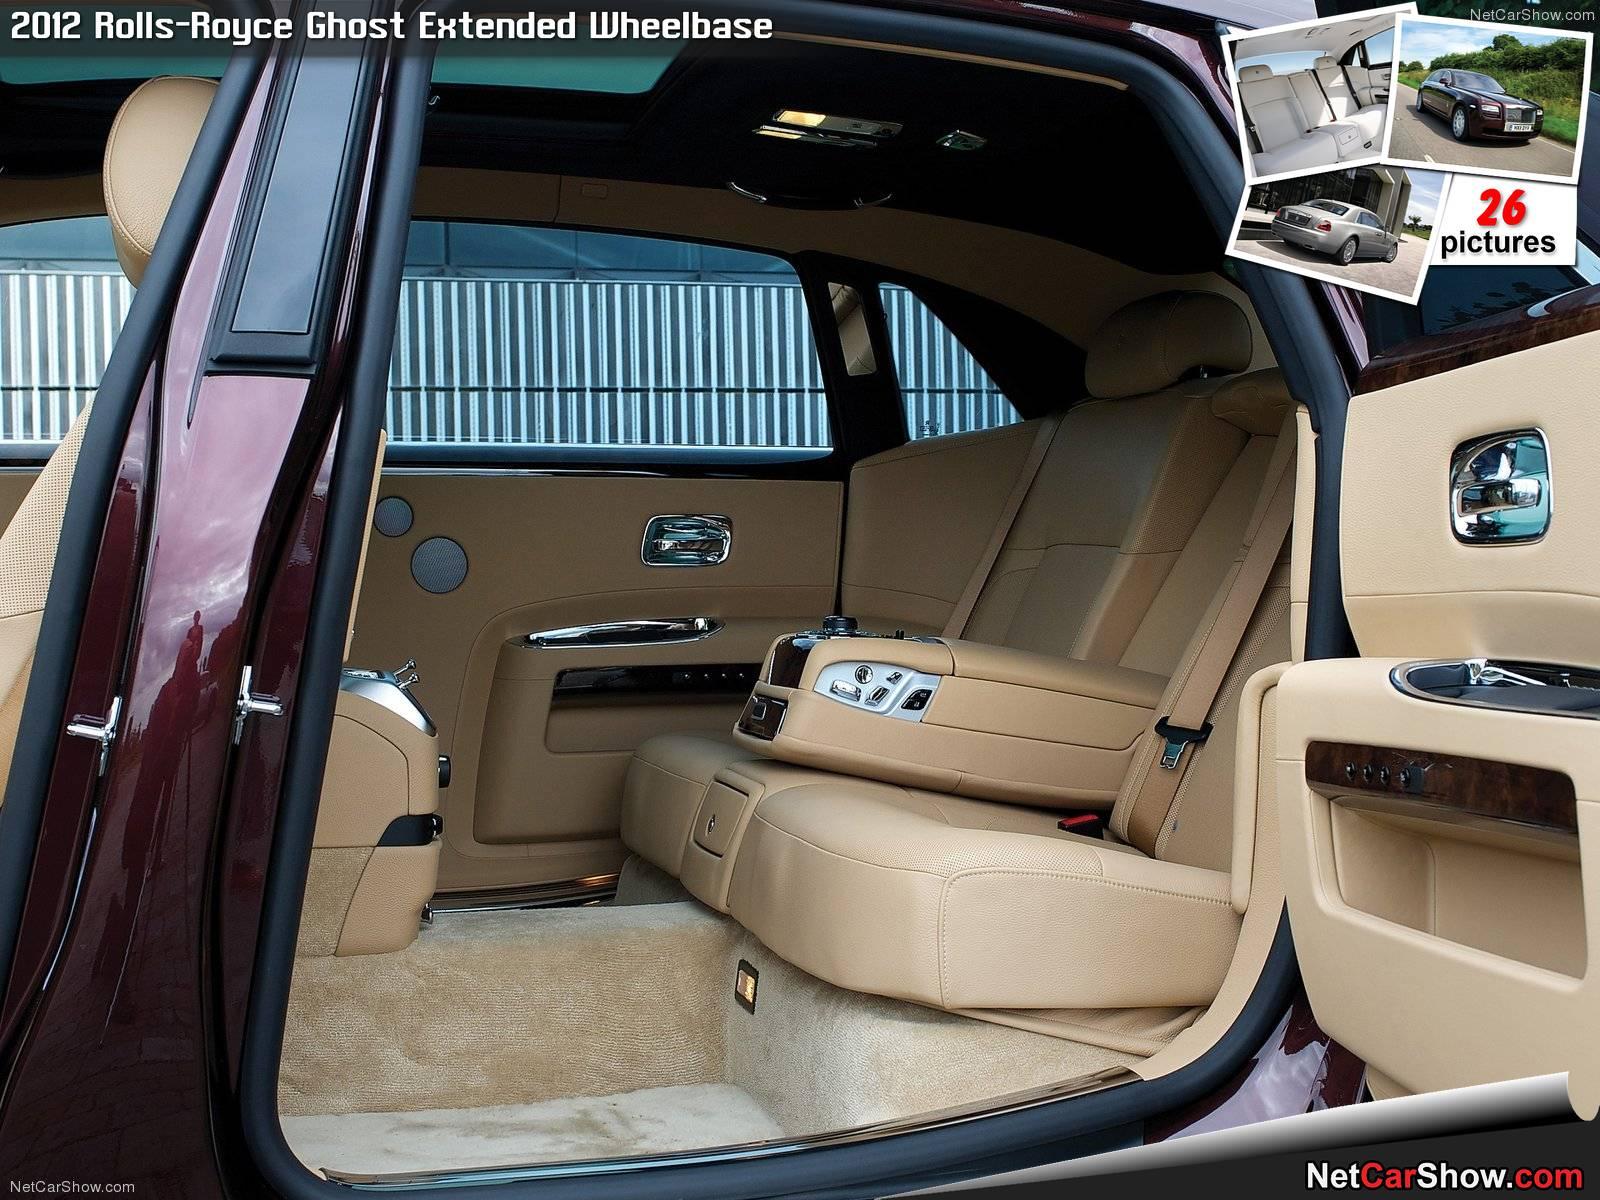 Ccx Car Wallpaper Rolls Royce Interior Car Models